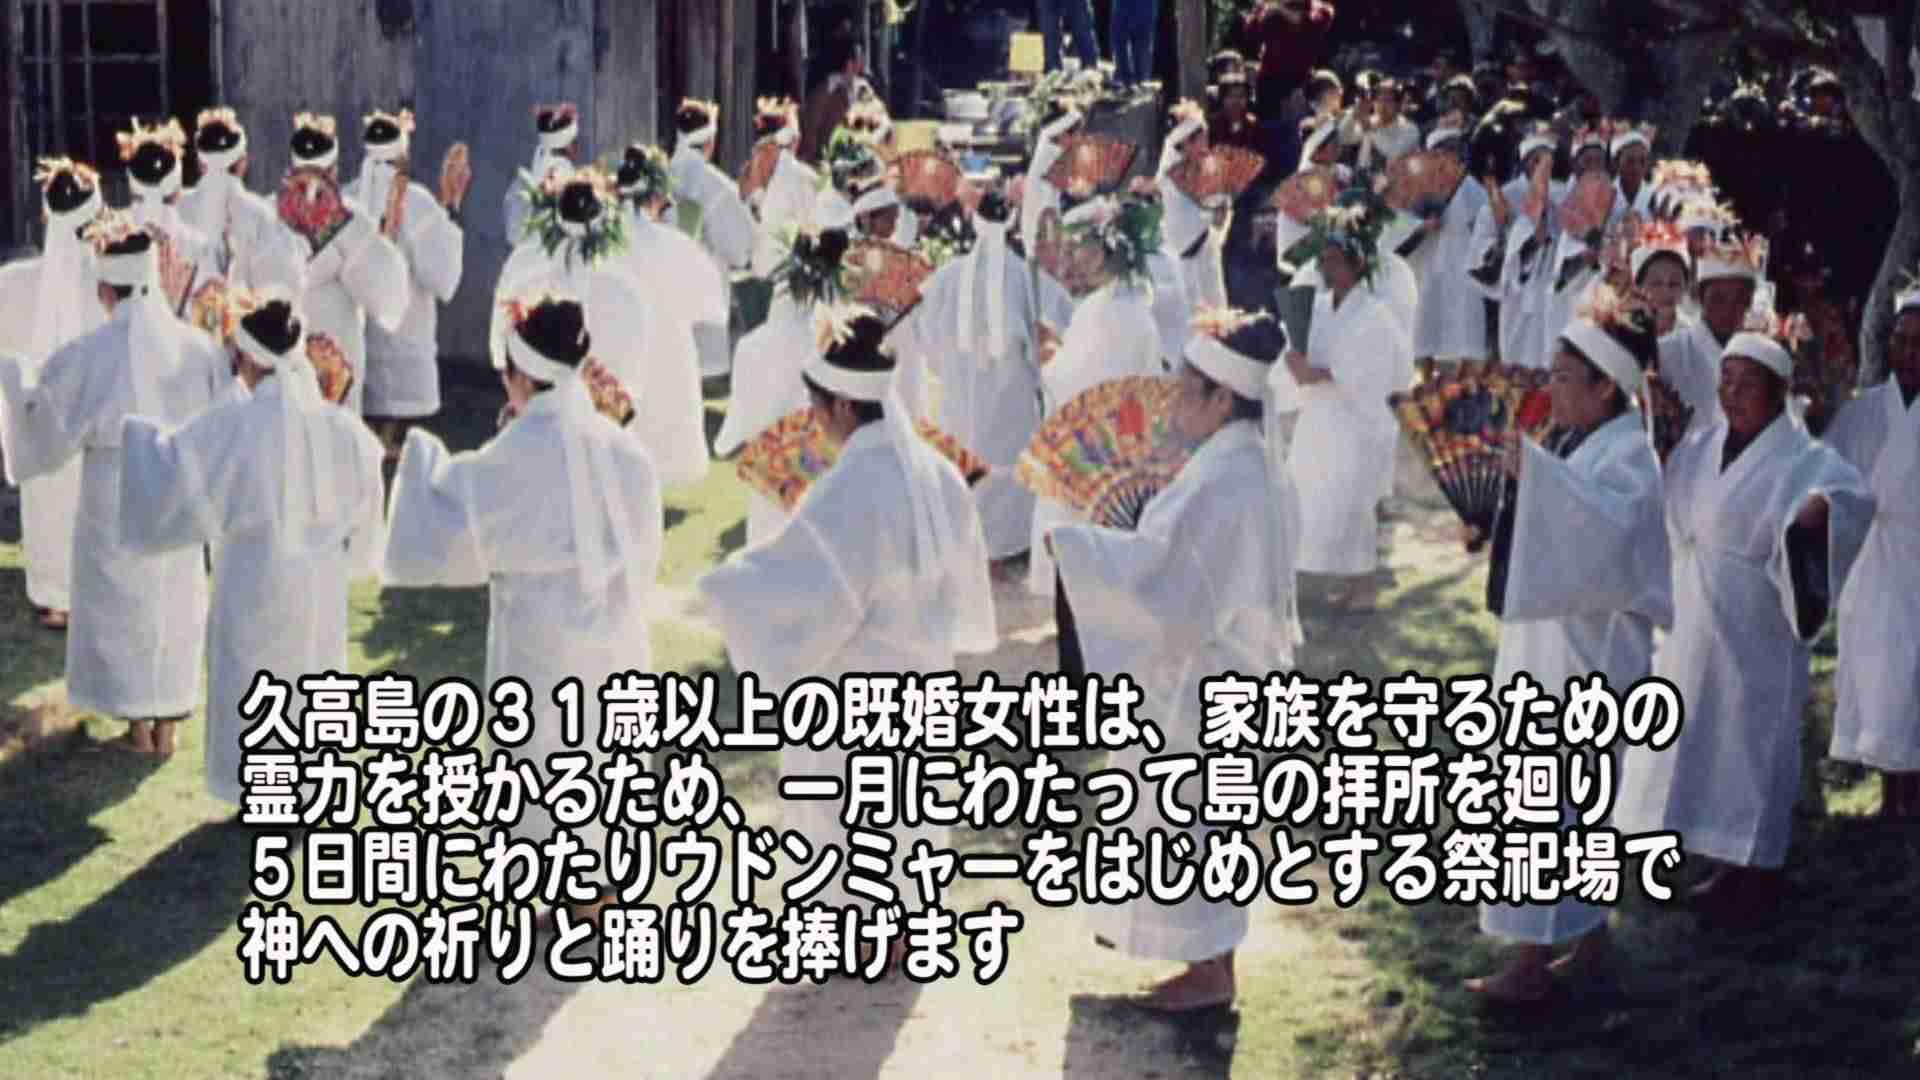 日本に伝わる不思議な風習